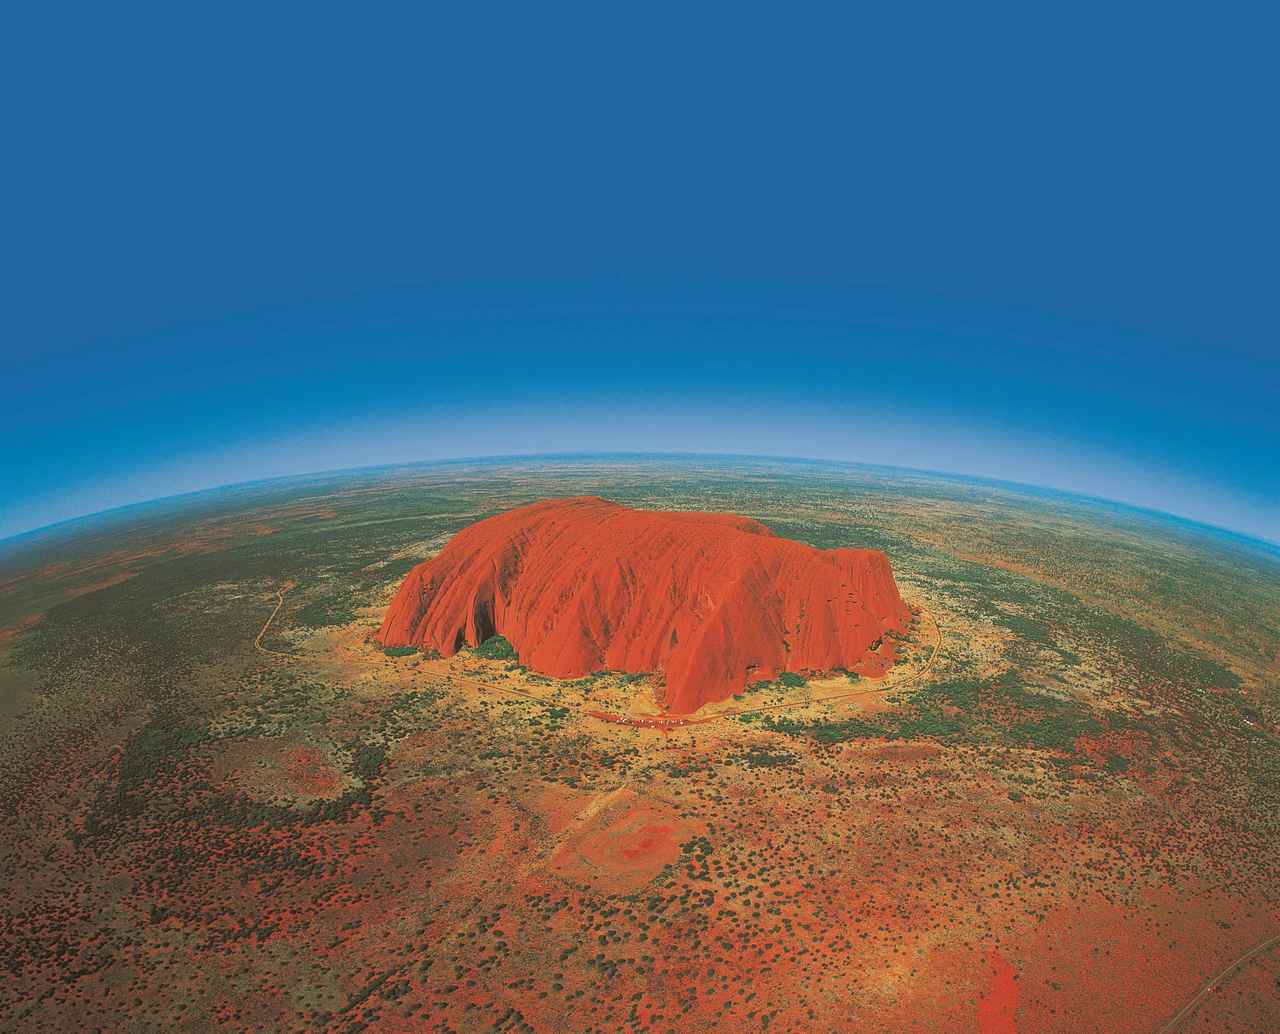 画像: 巨大な一枚岩「エアーズロック」